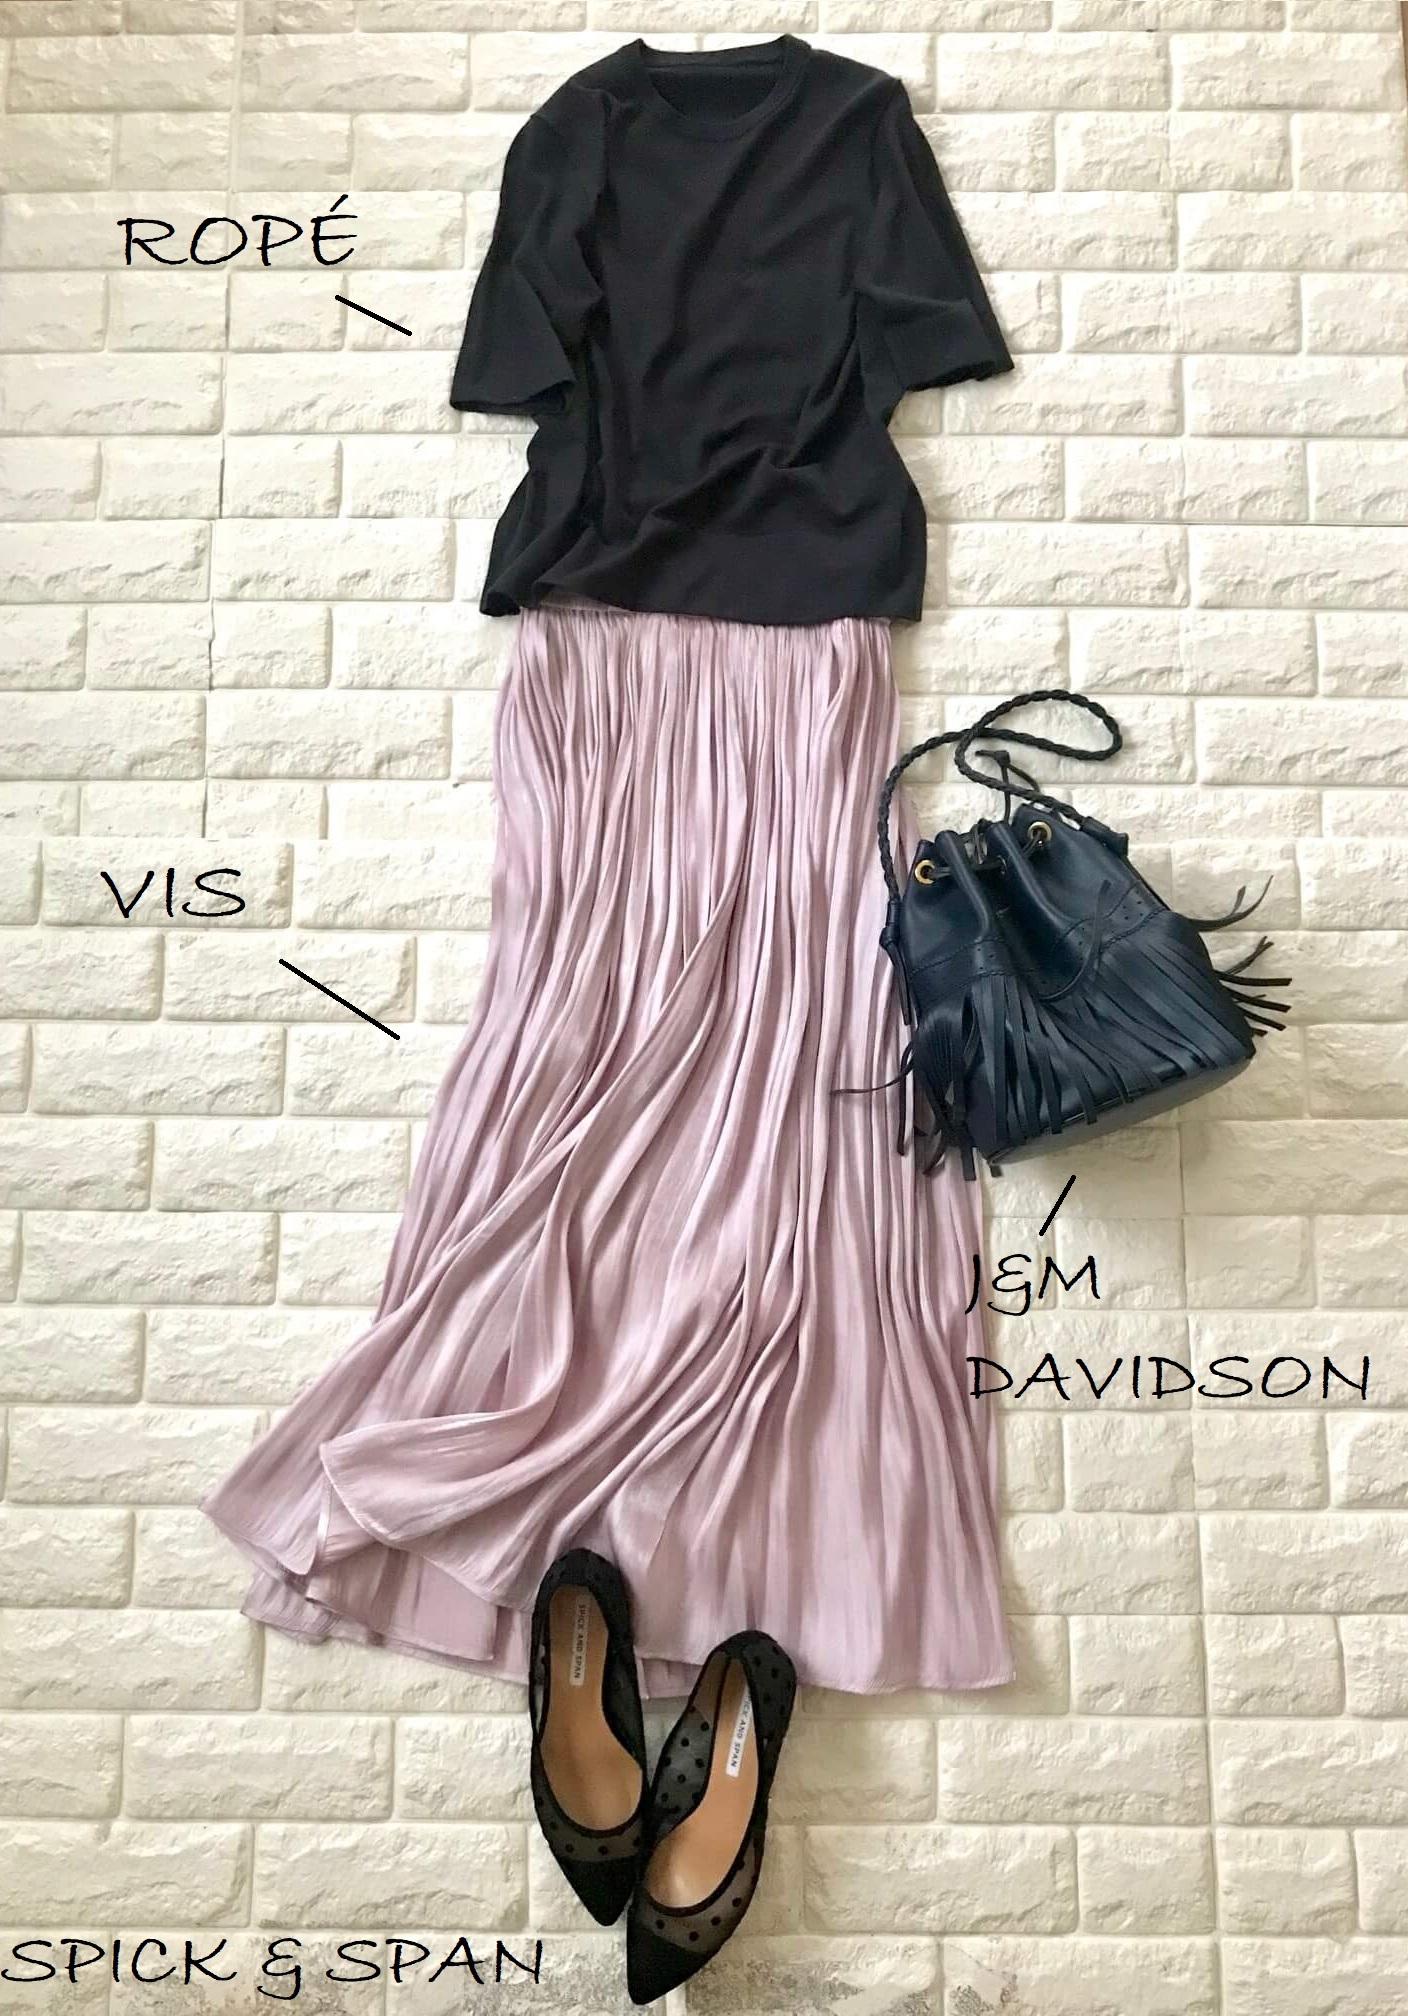 ロペのカットソーとVISのスカートを合わせた画像